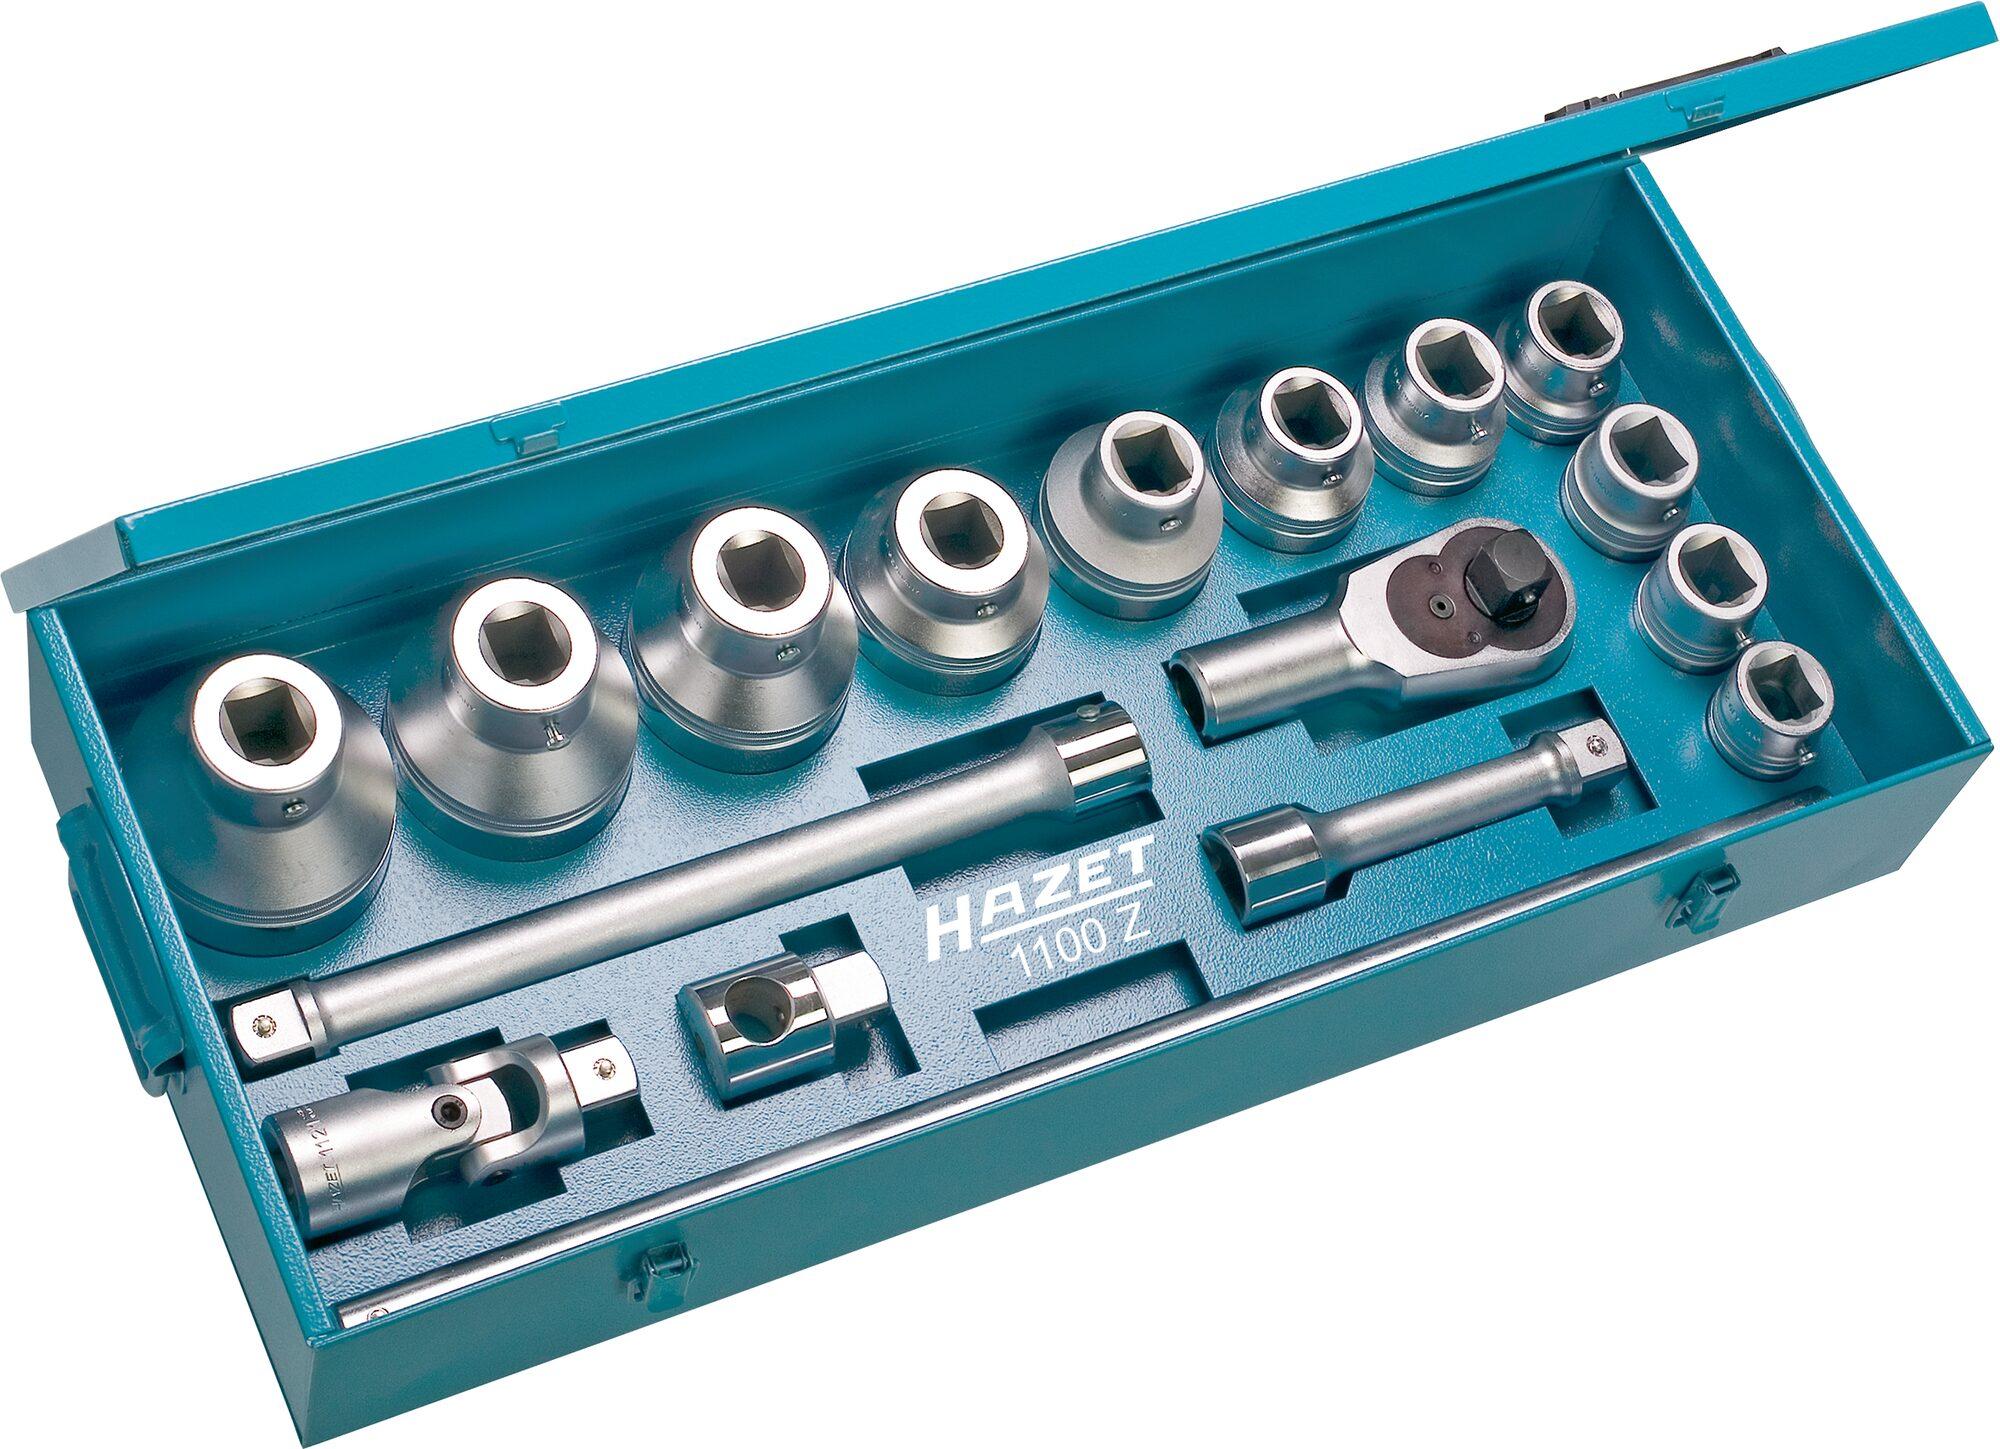 HAZET Steckschlüssel Satz 1100Z ∙ Vierkant hohl 25 mm (1 Zoll) ∙ Außen-Doppel-Sechskant Profil ∙ Anzahl Werkzeuge: 17